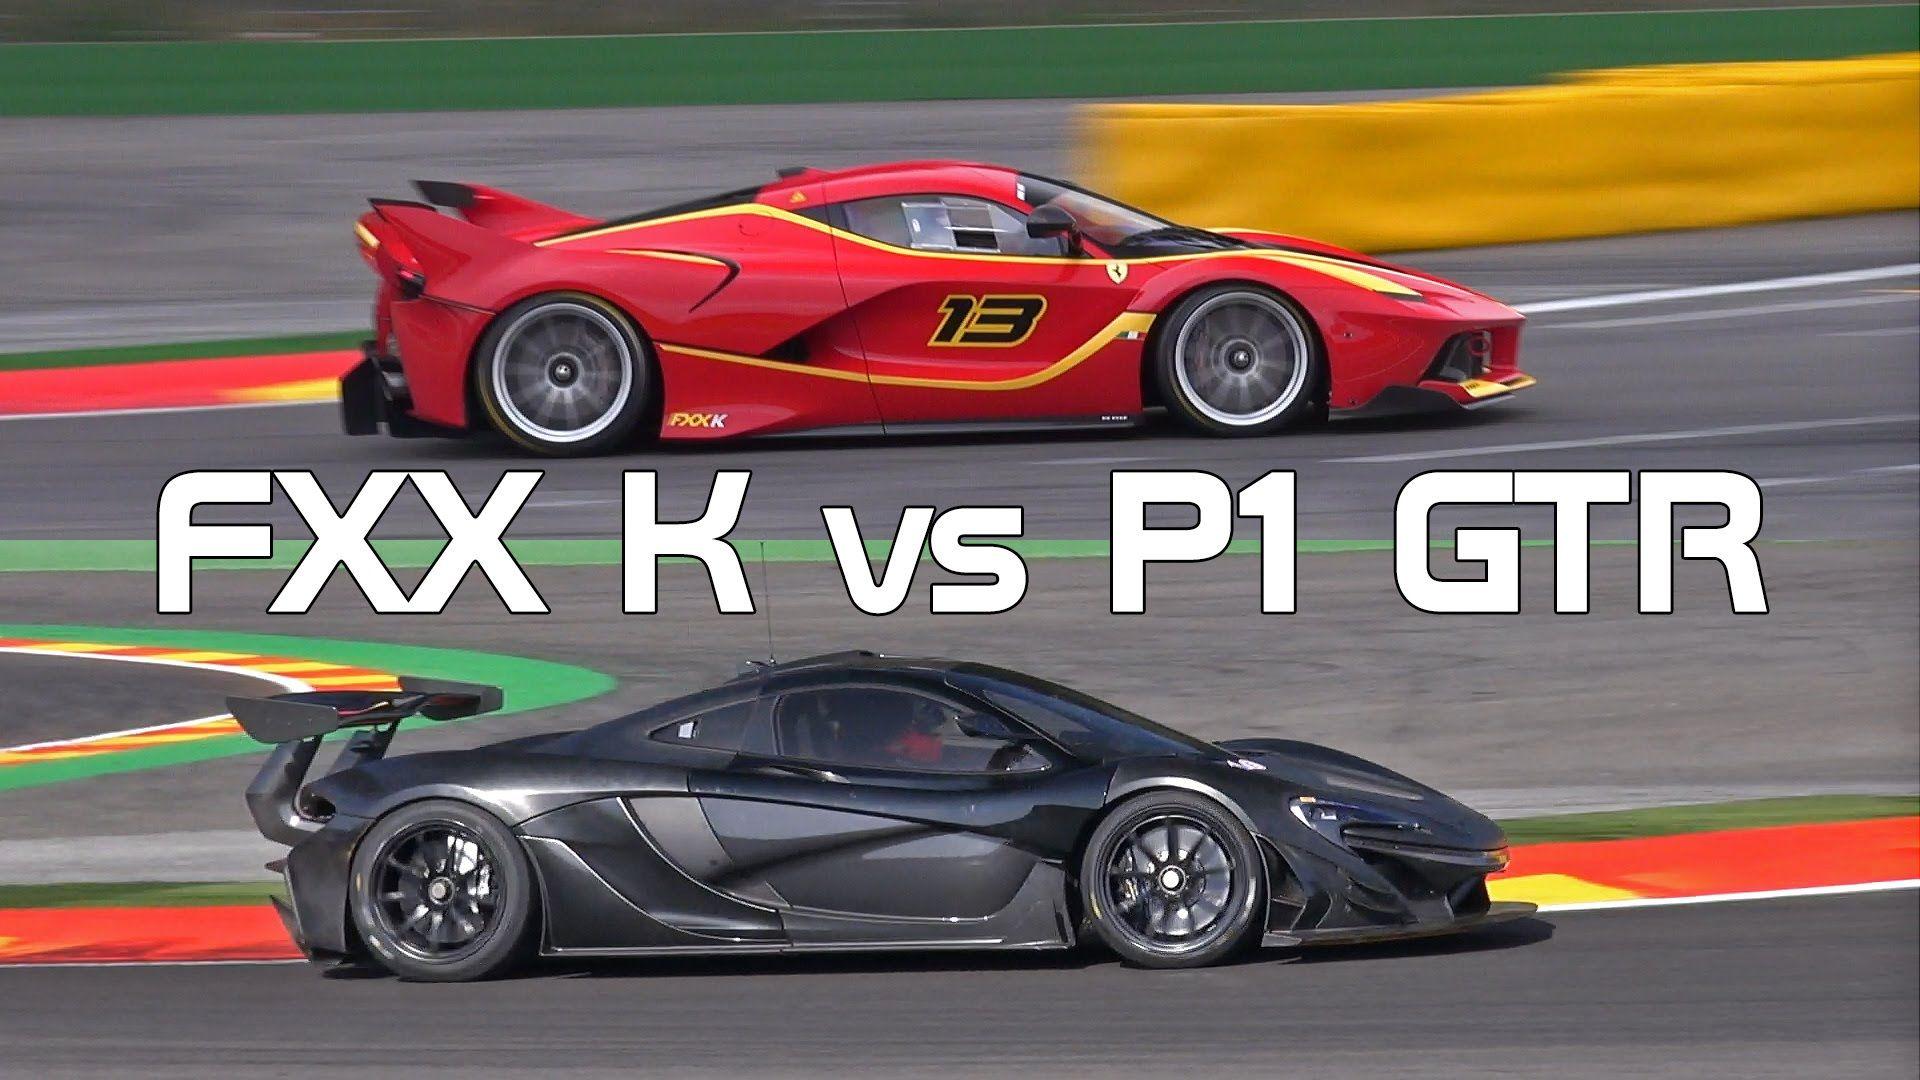 Mclaren p1 gtr extreme track weapon unveiled pictures - Ferrari Fxx K Oder Mclaren P1 Gtr Welcher Klingt Besser